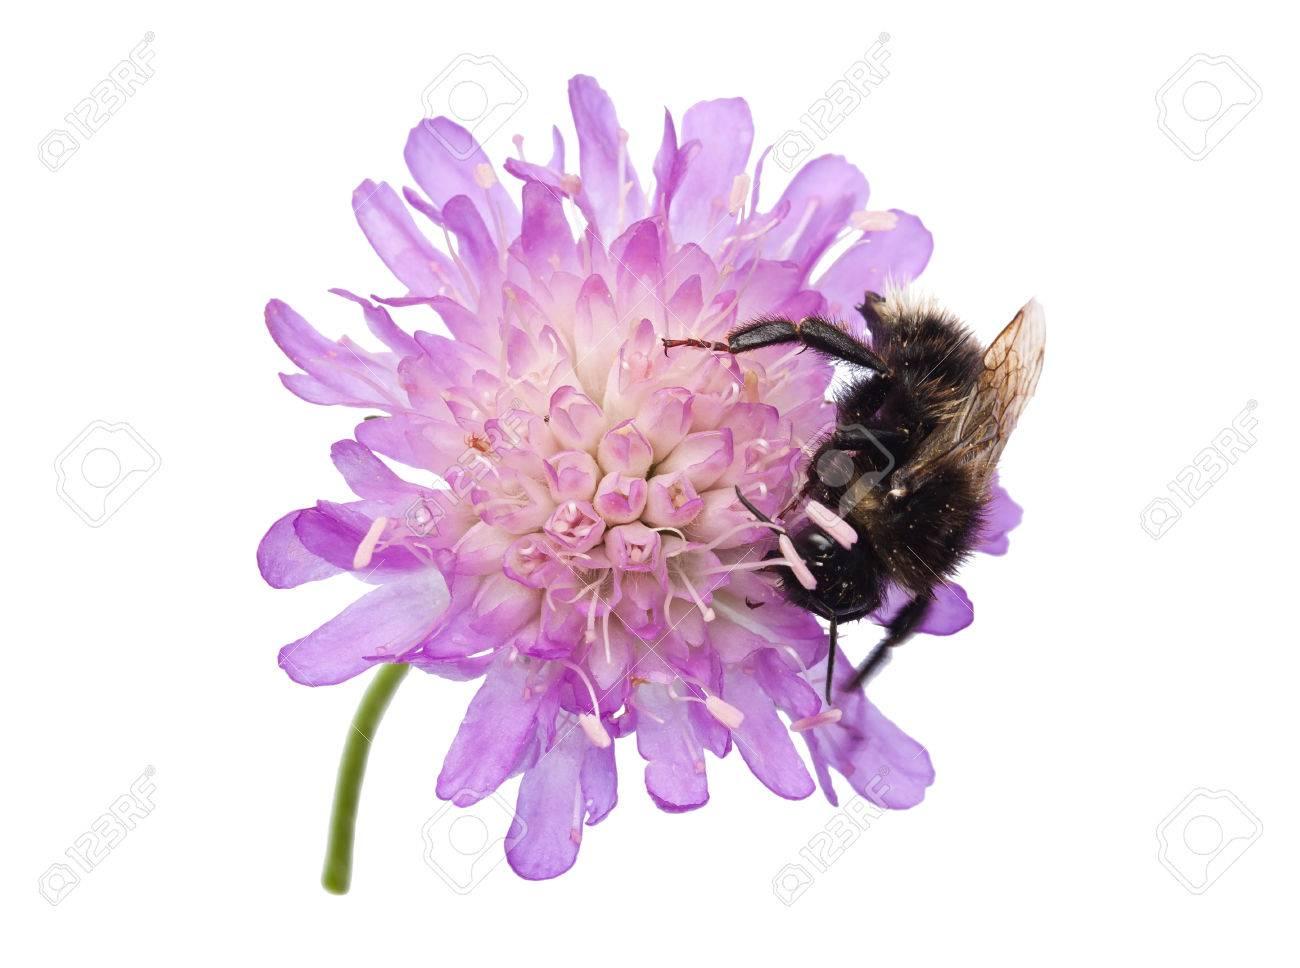 Humblebee Bombus On A Pincushion Flower Knautia Arvensis Stock